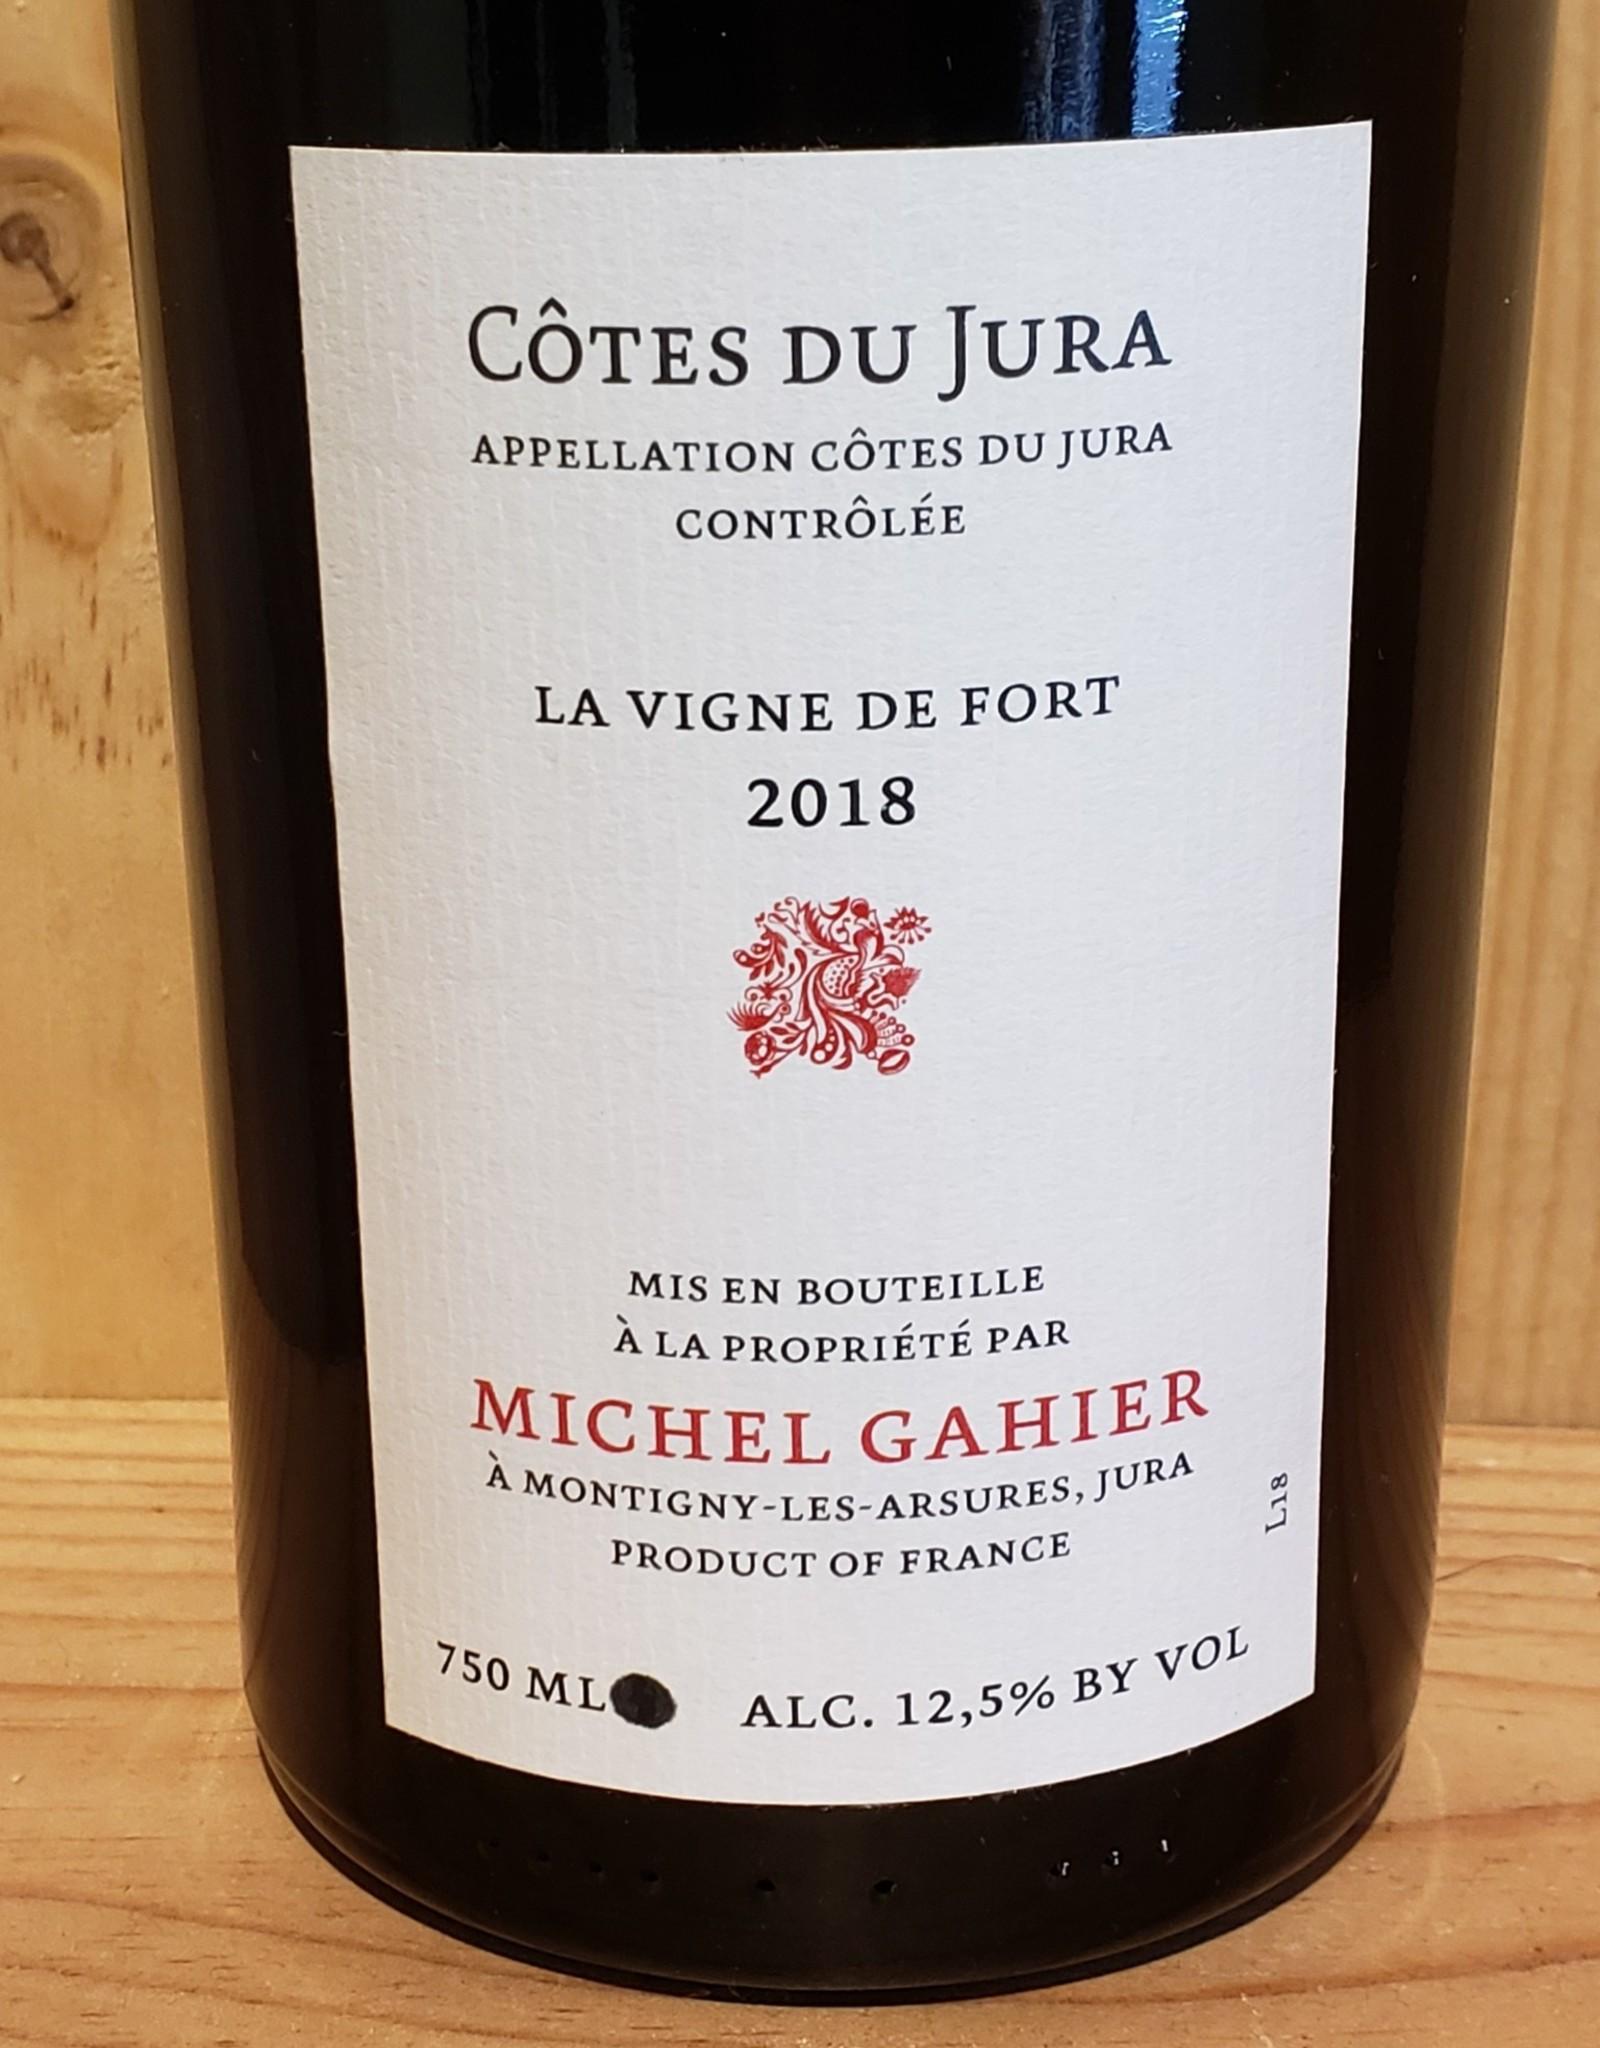 Trousseau/Poulsard, Cote Du Jura, 'La Vigne de Fort,' Michel Gahier 2018